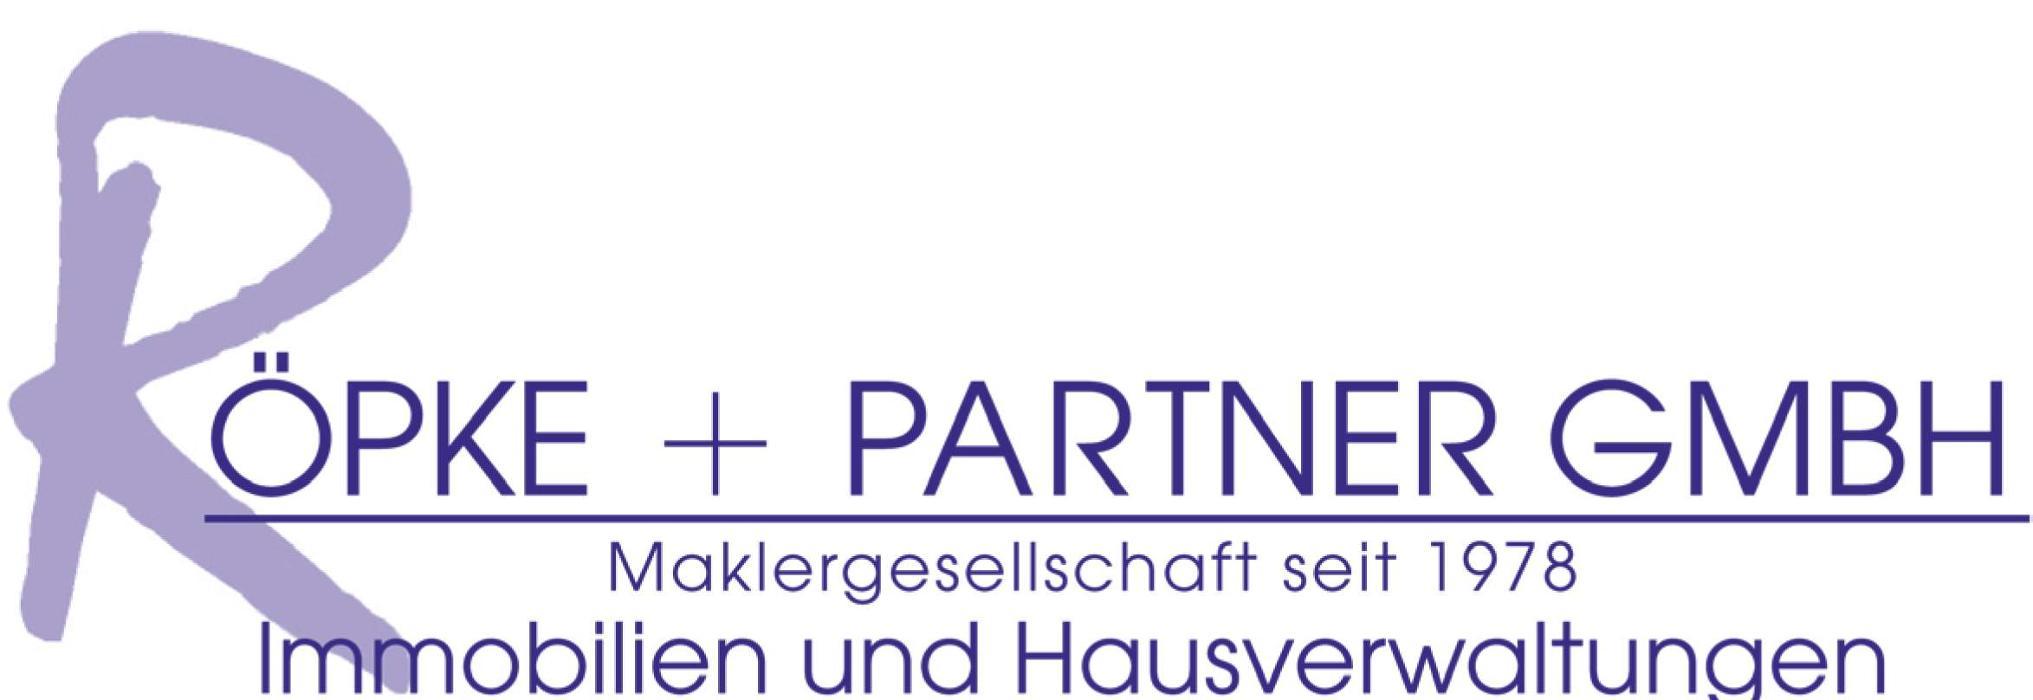 Bild zu Röpke und Partner GmbH in Pforzheim